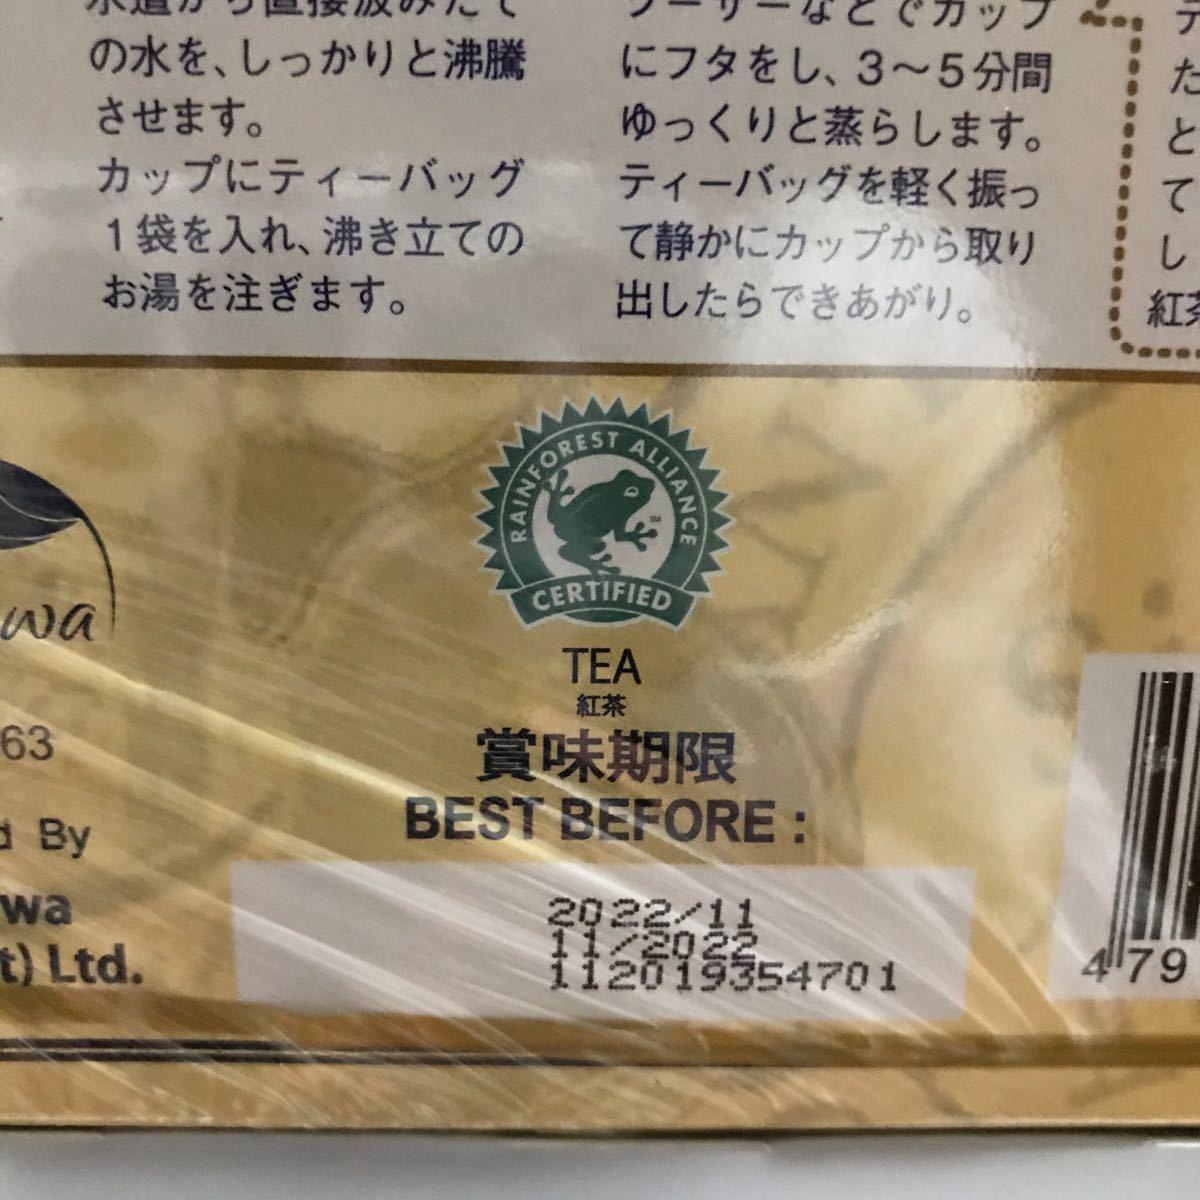 無農薬紅茶ティーパック * アールグレイ